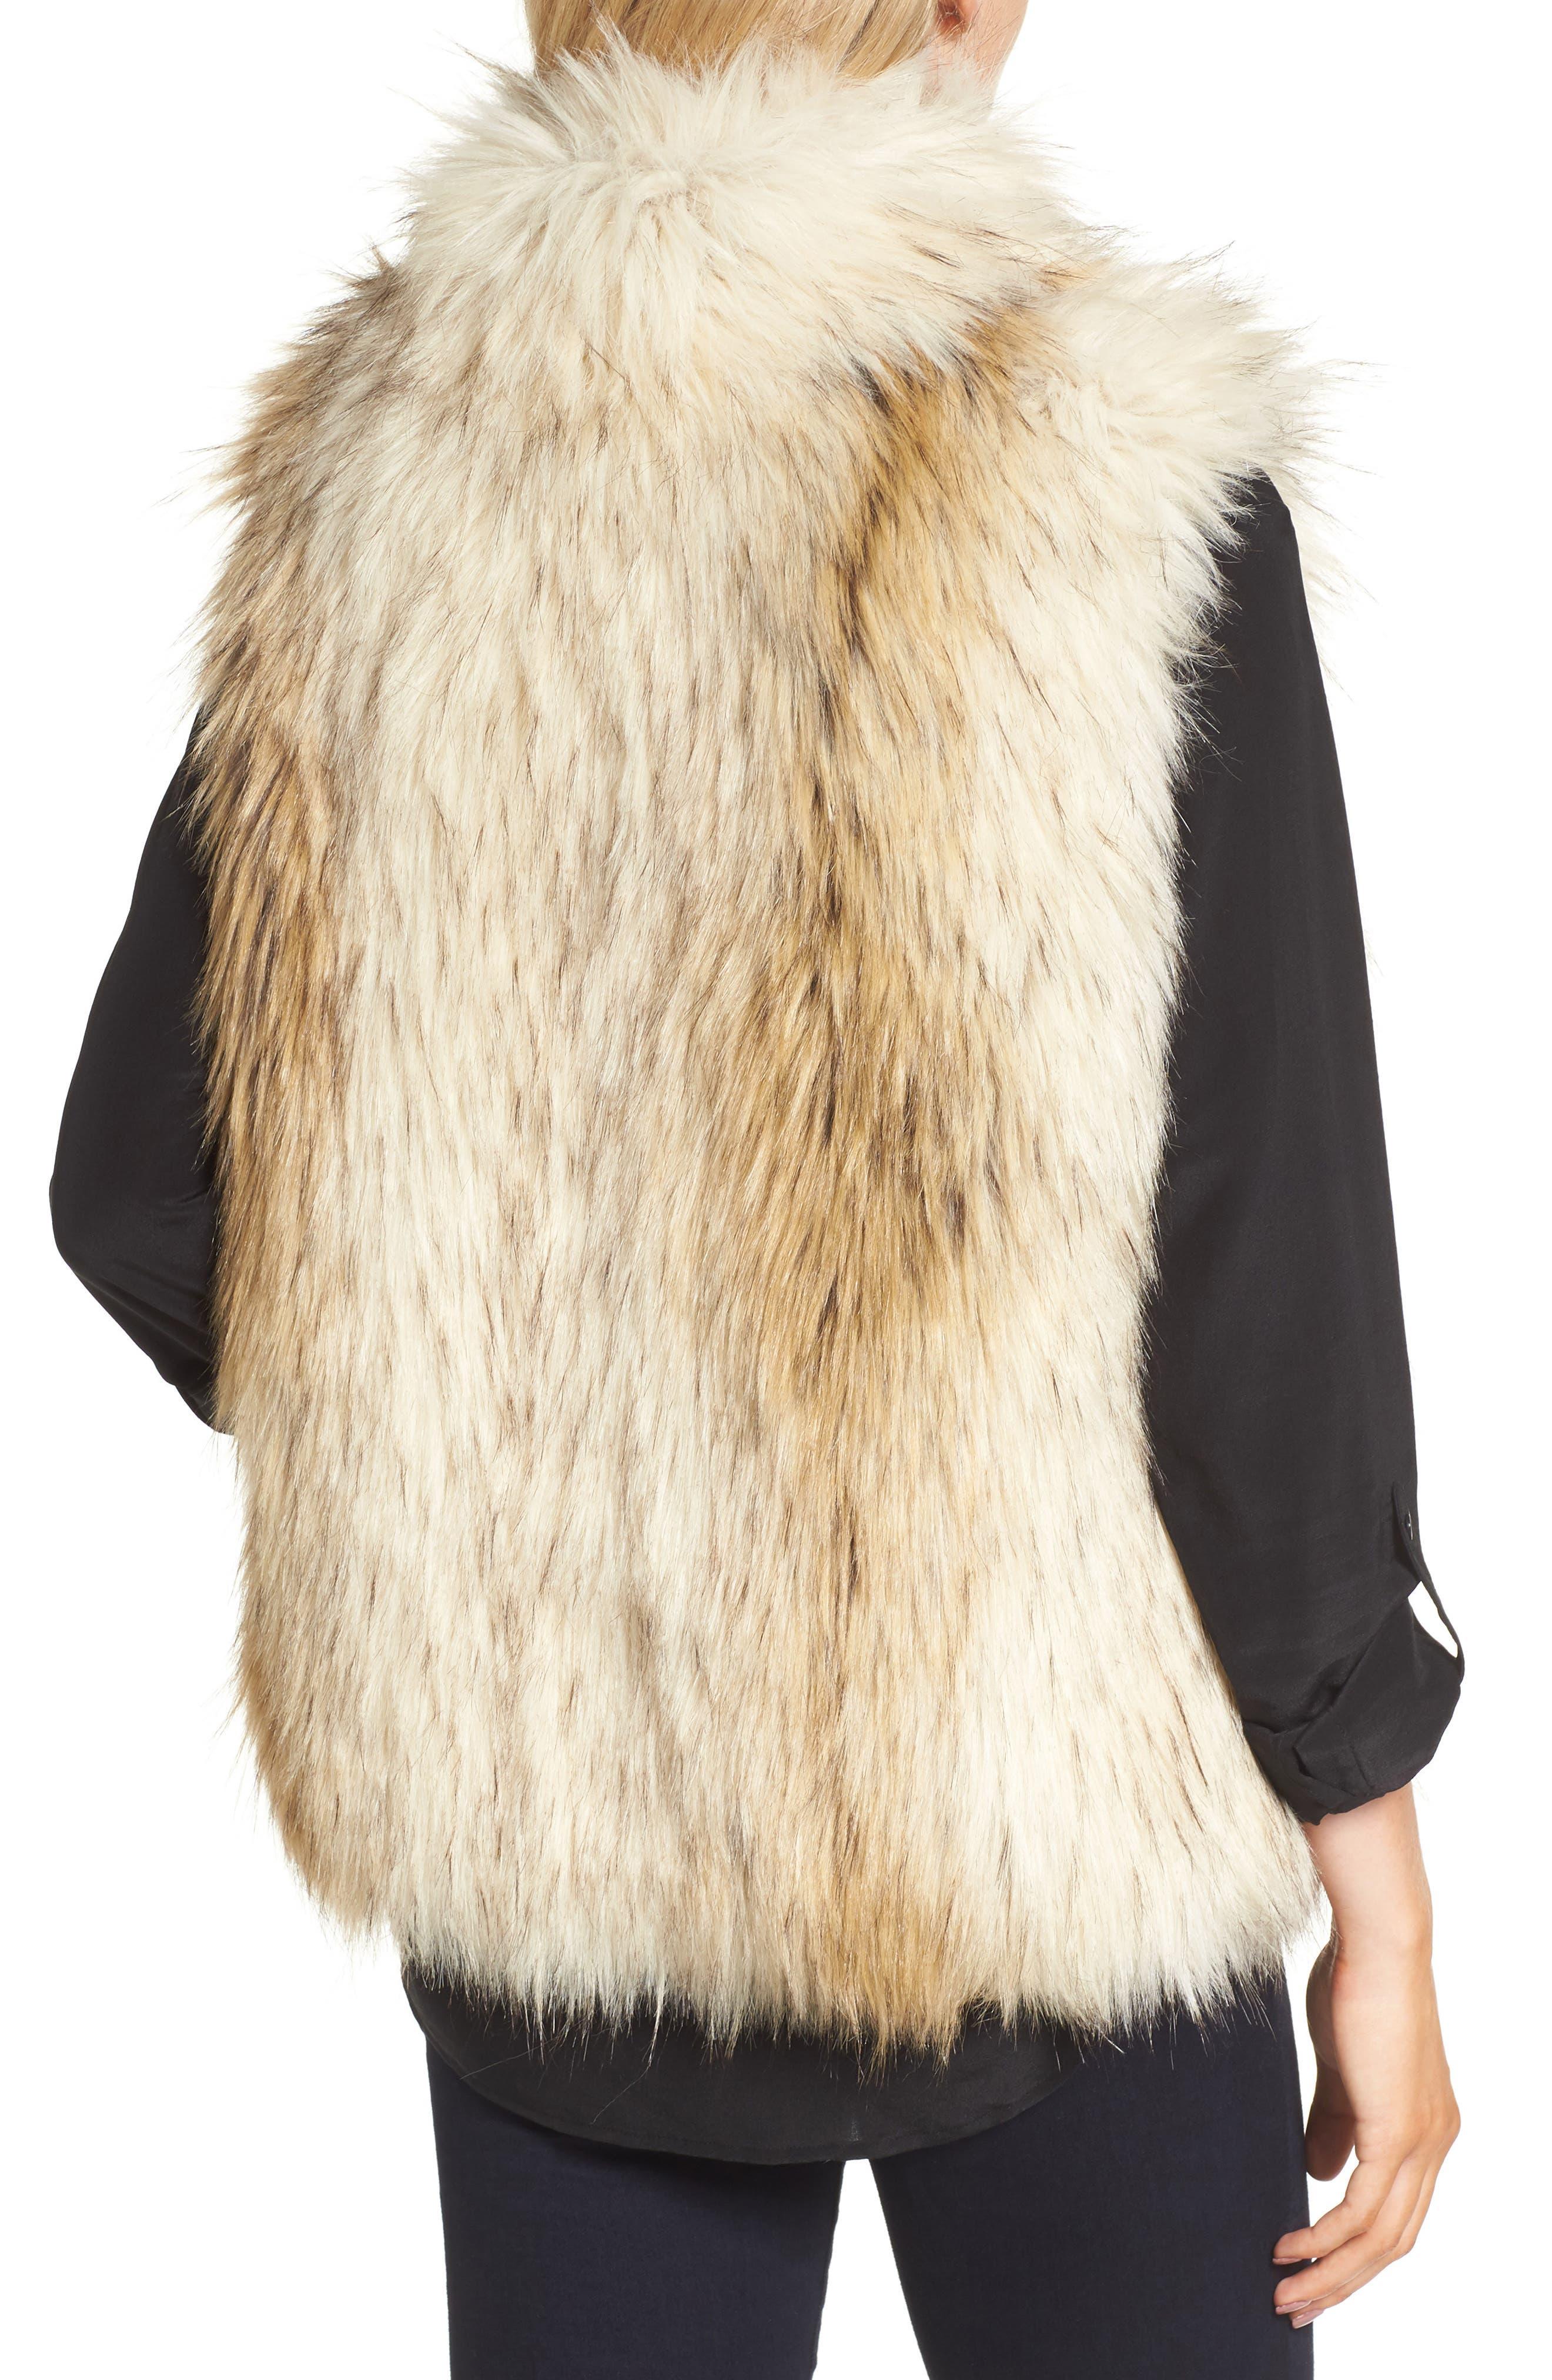 Elvan Open Front Faux Fur Vest,                             Alternate thumbnail 2, color,                             152